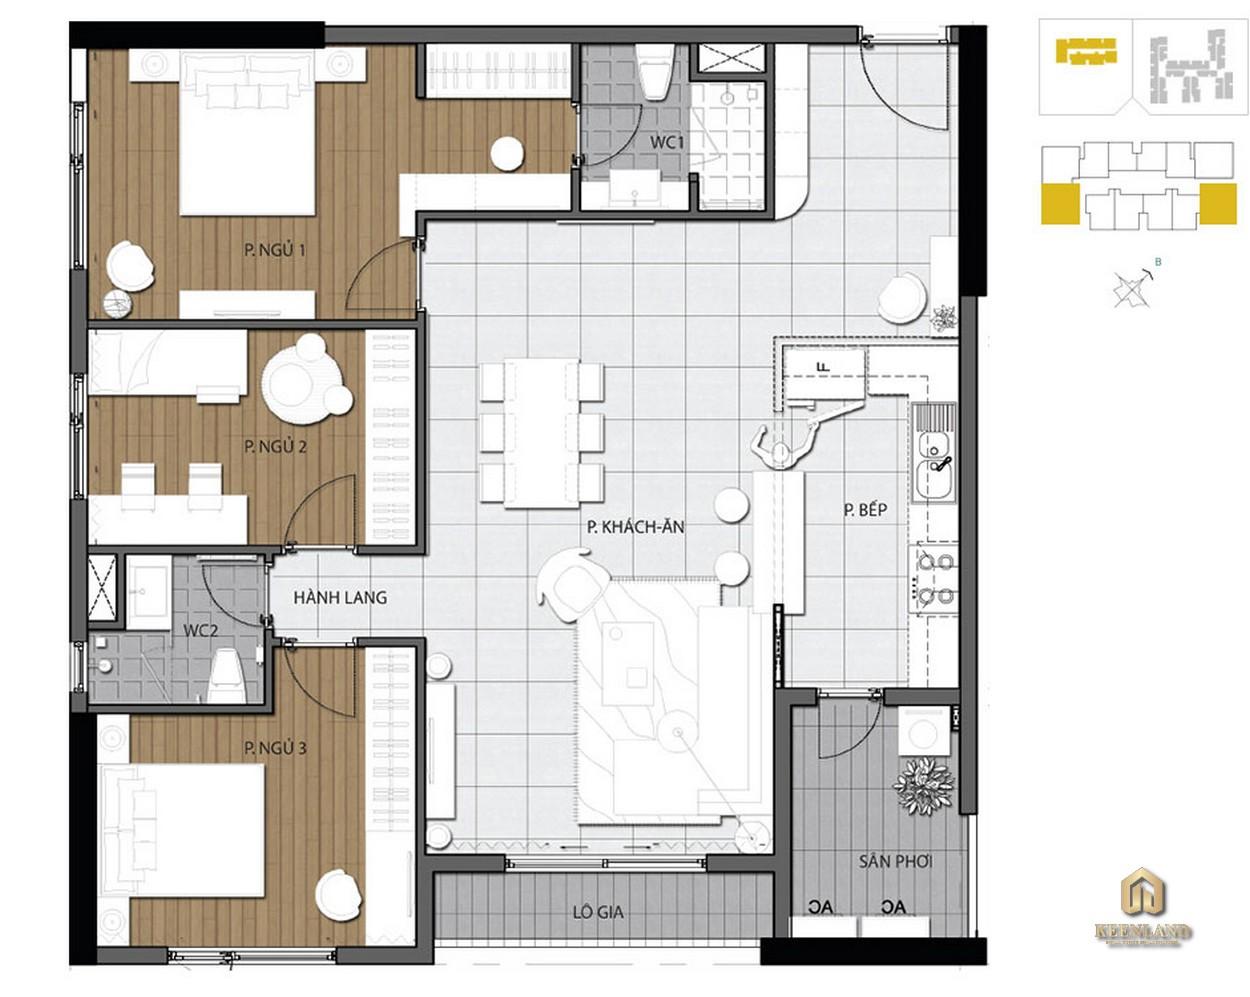 Mặt bằng căn hộ 3 phòng ngủ dự án The Gold View Quận 4